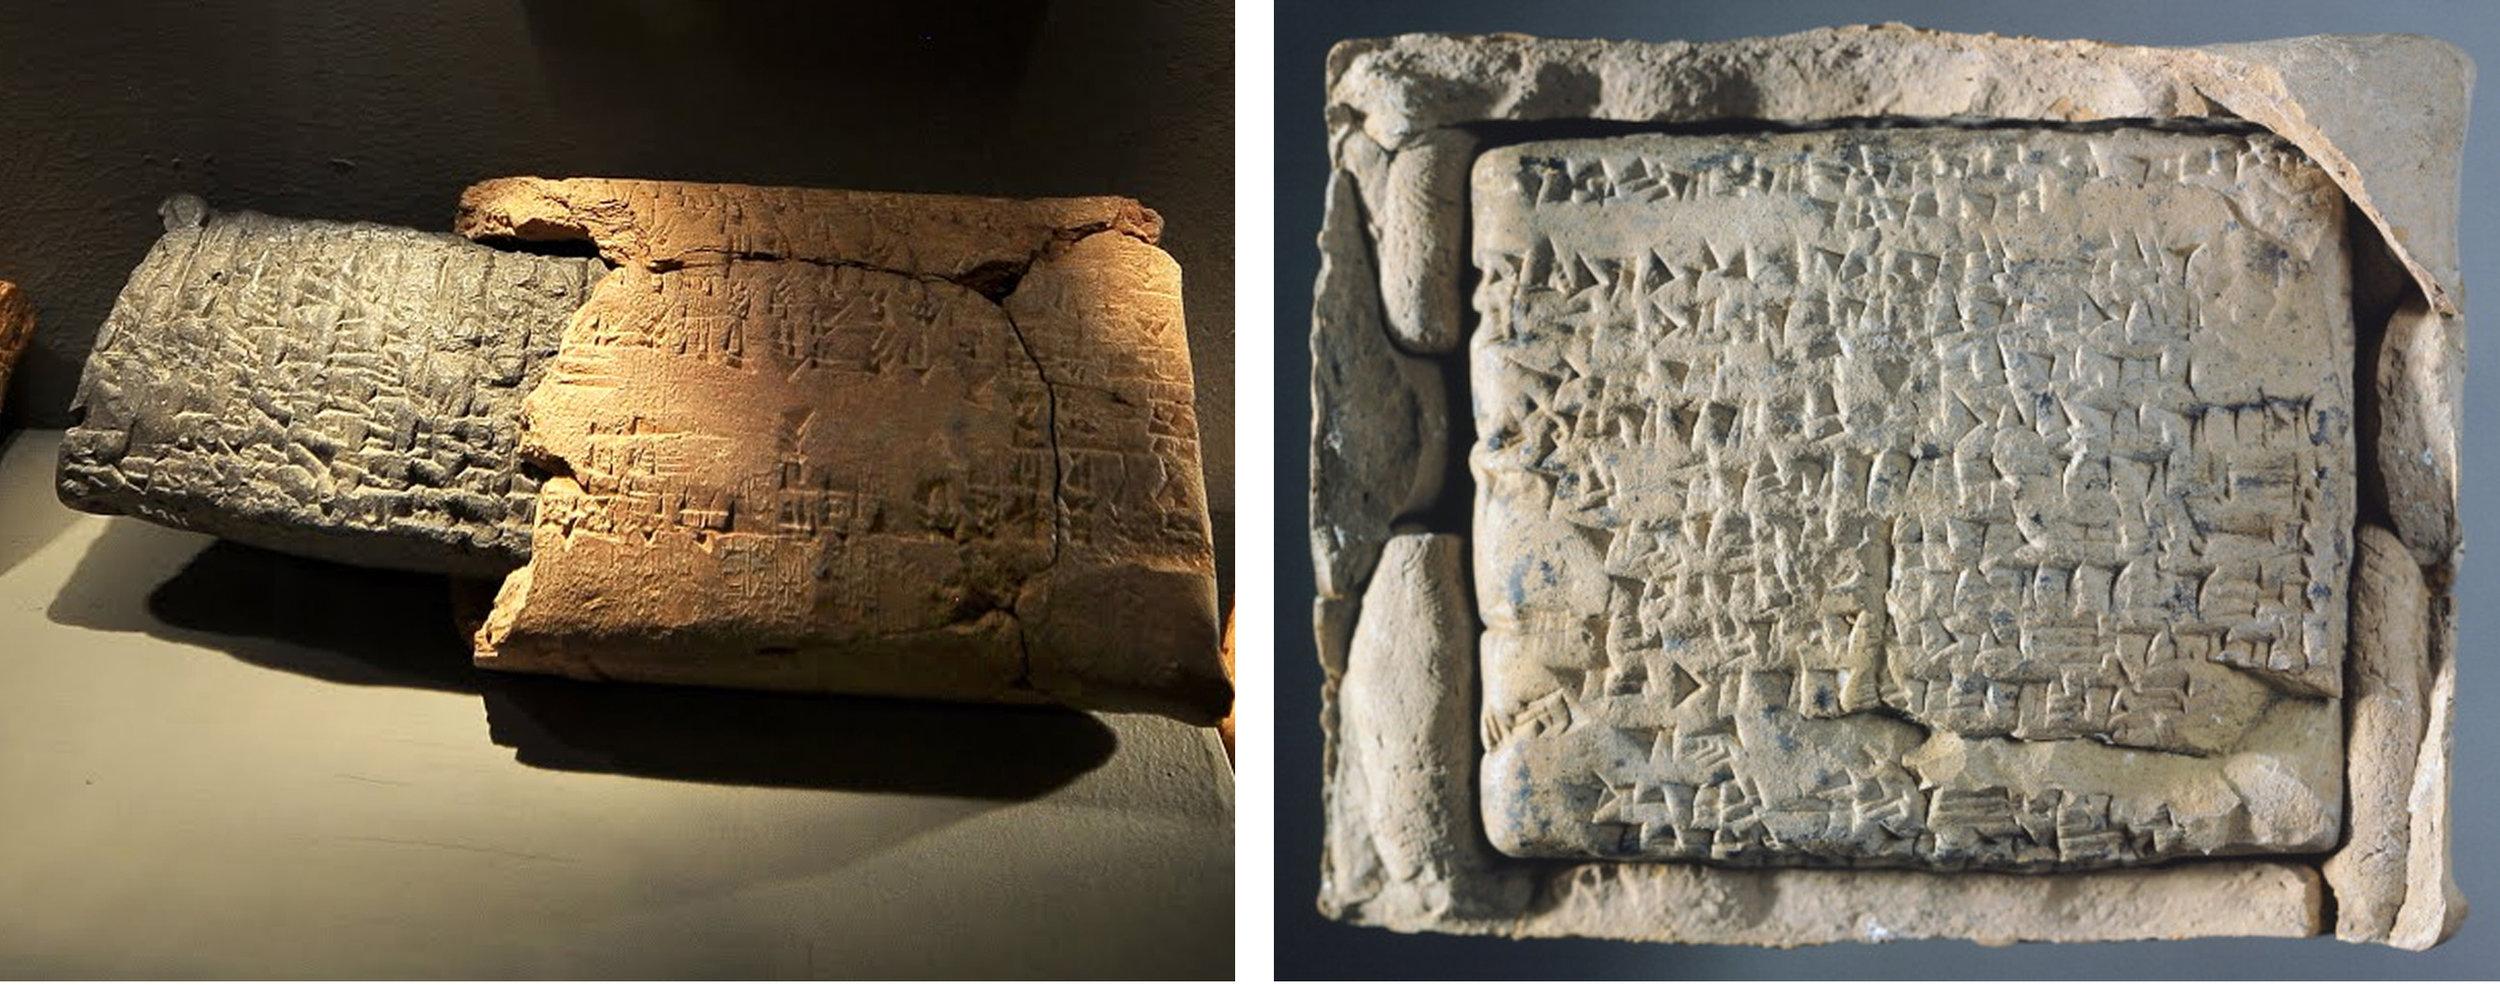 3 cuneiform tablets blog 3.jpg